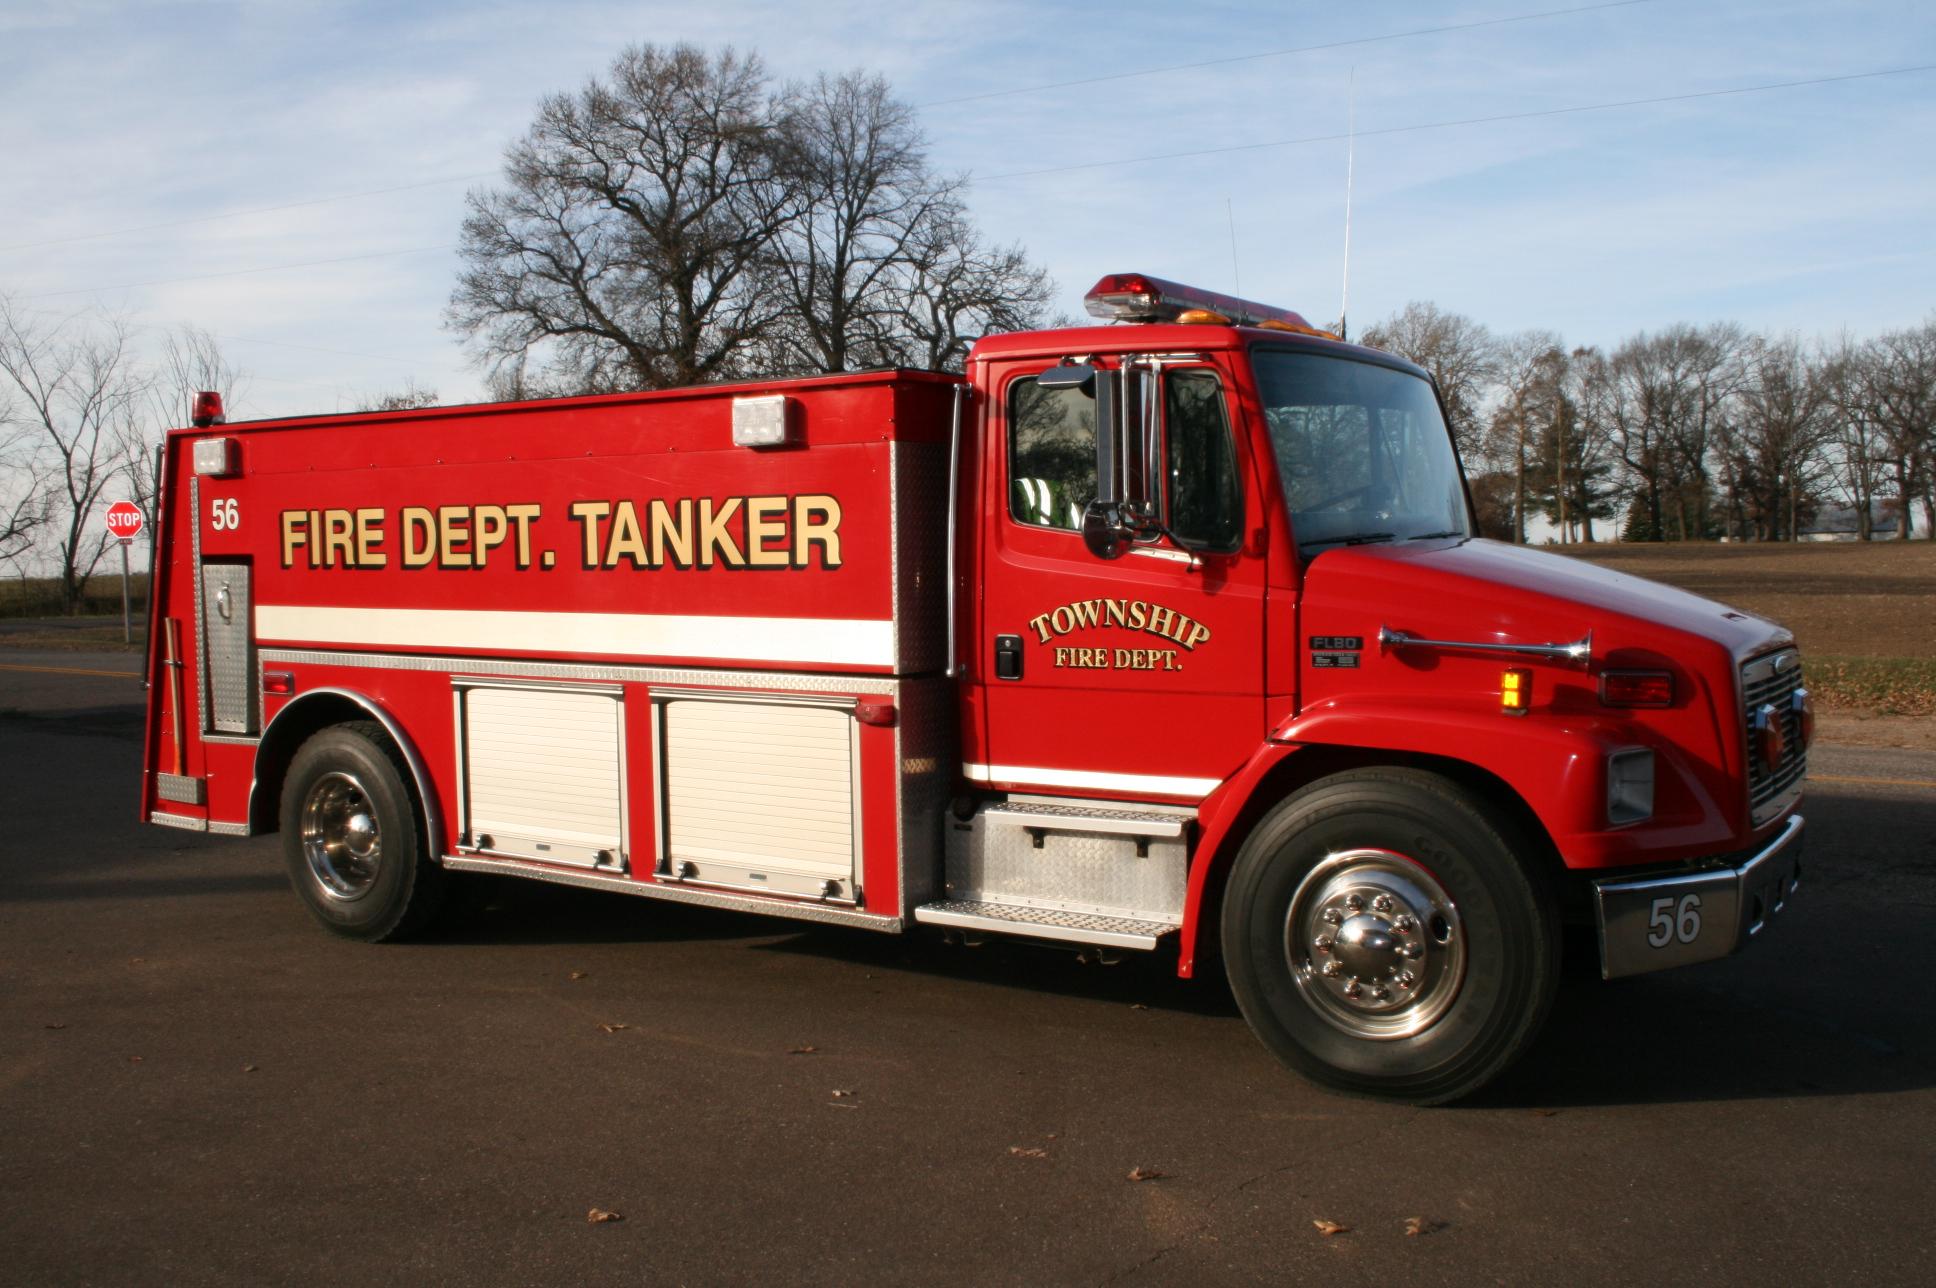 Tanker truck #56